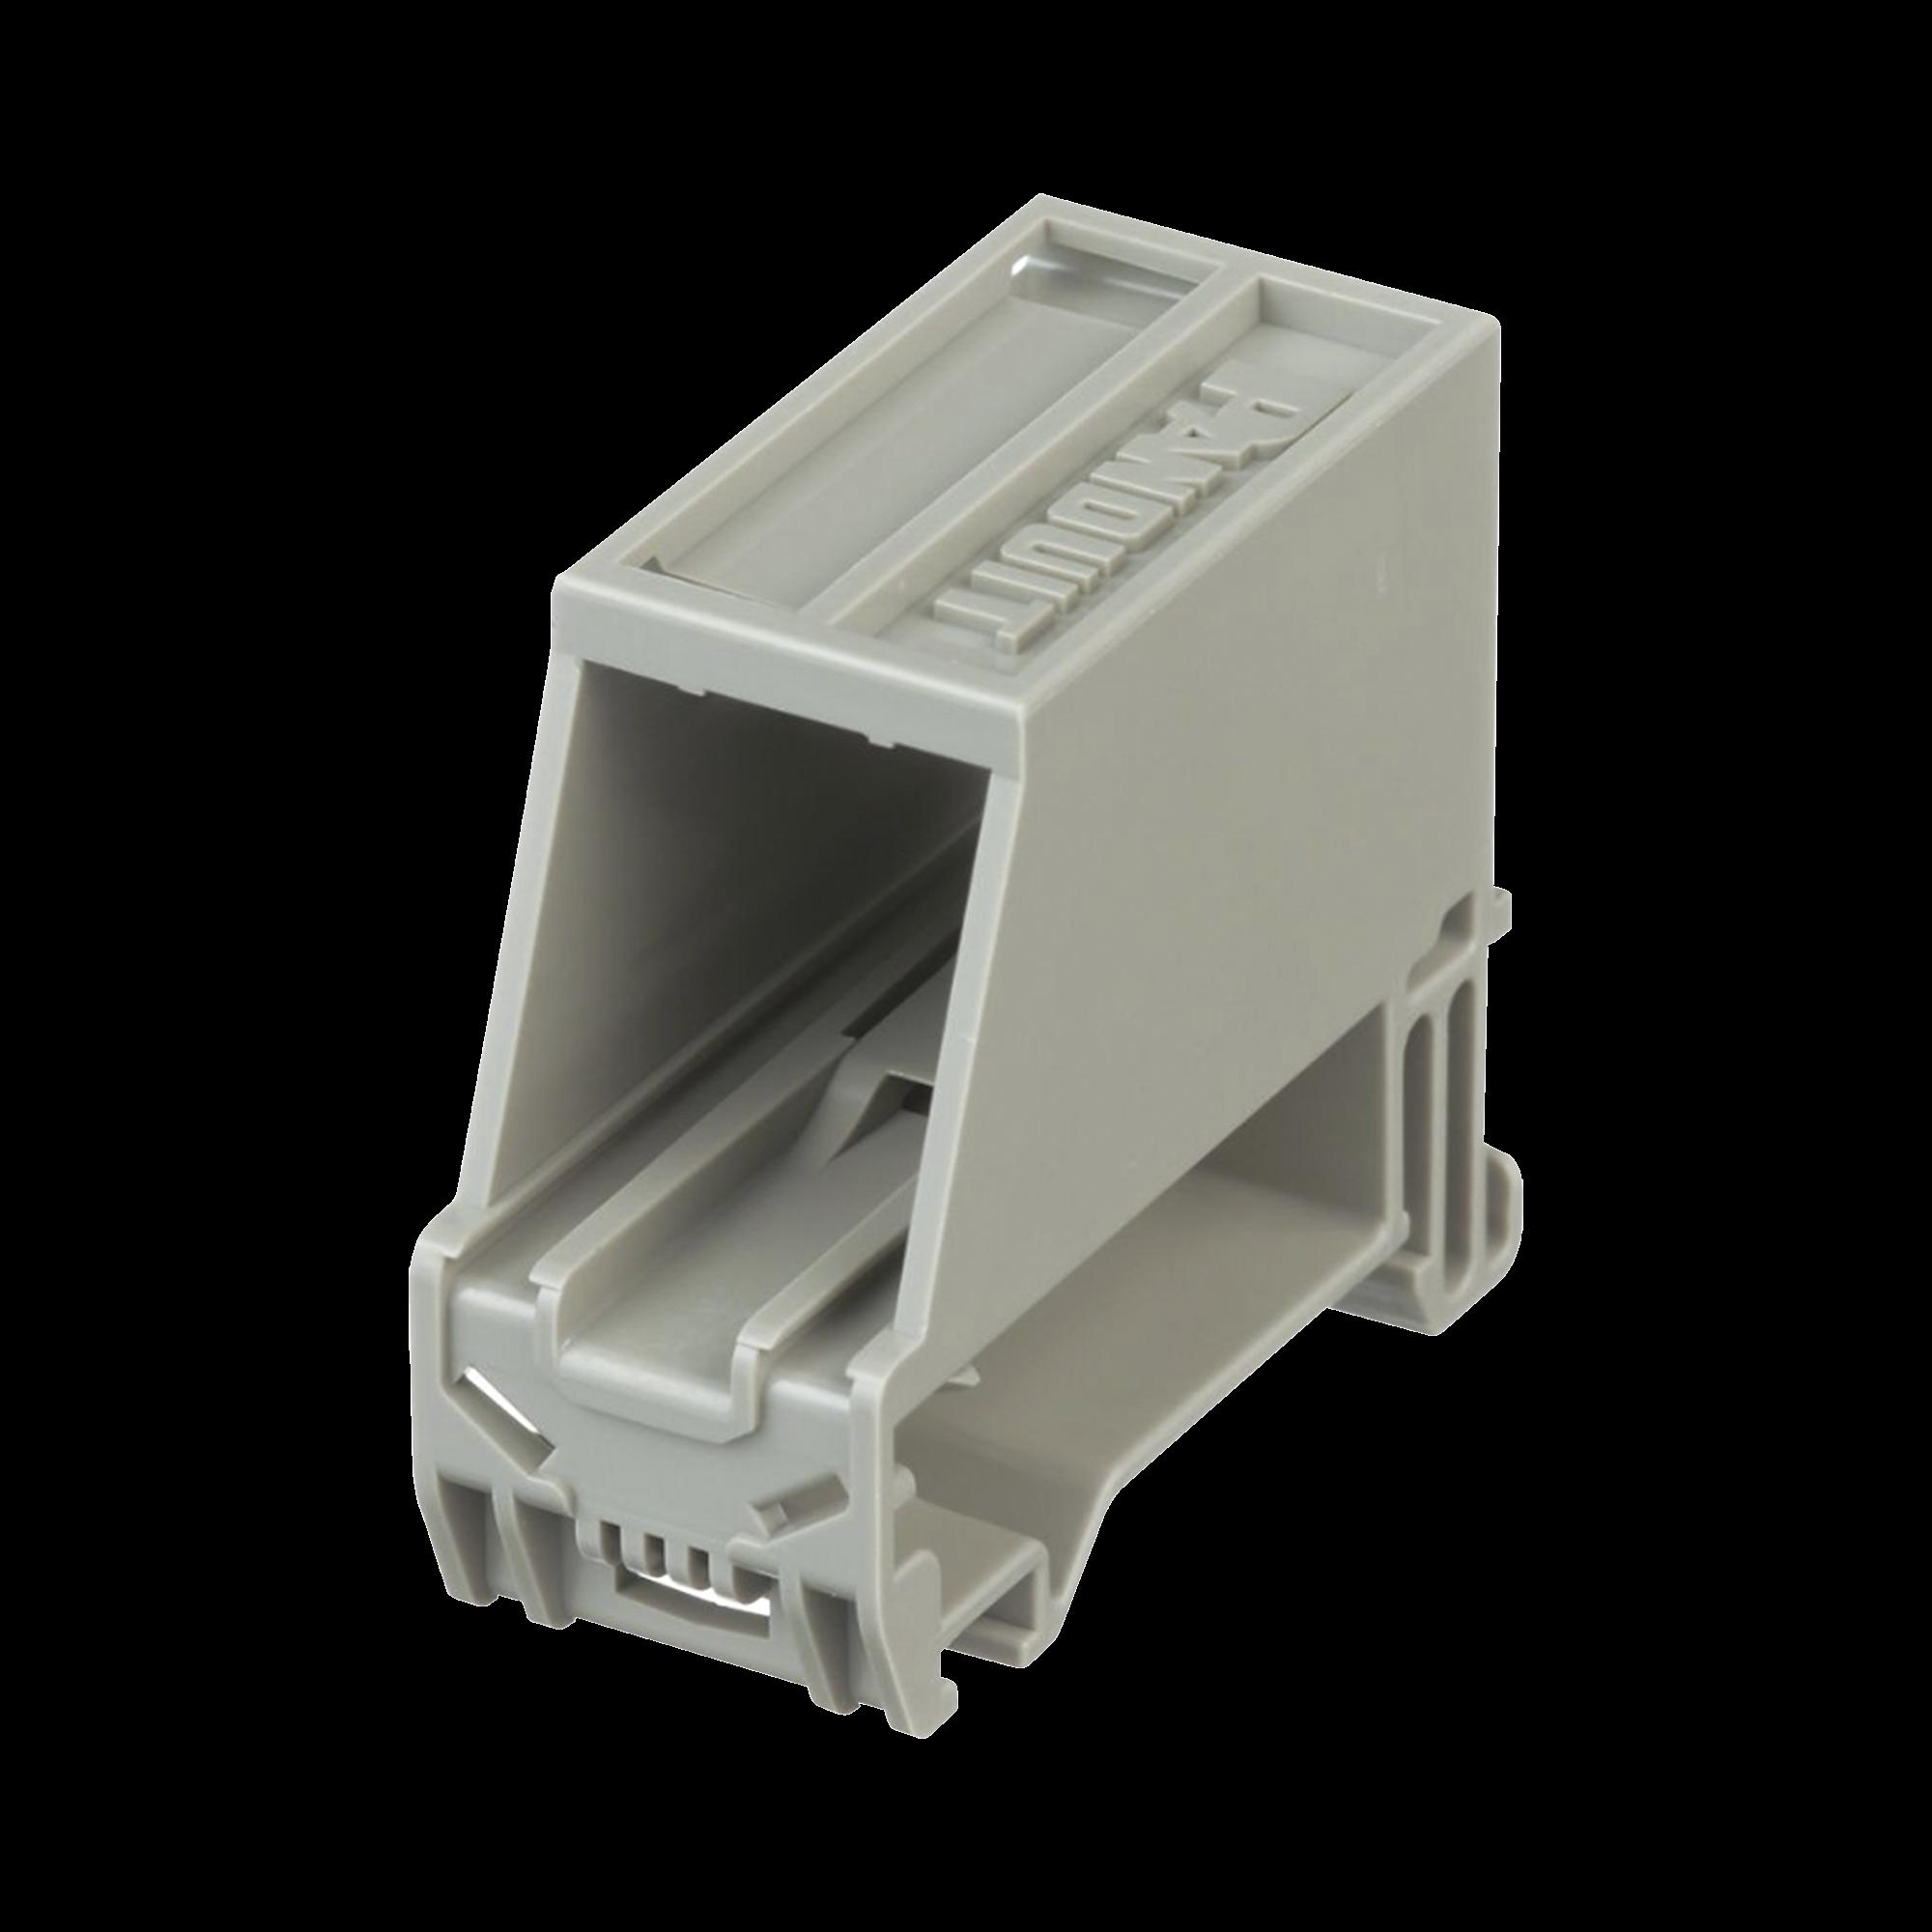 Adaptador de 1 Puerto, Para Conectores Tipo Mini-Com, Montaje en Riel Din Estándar de 35mm, Color Gris Internacional